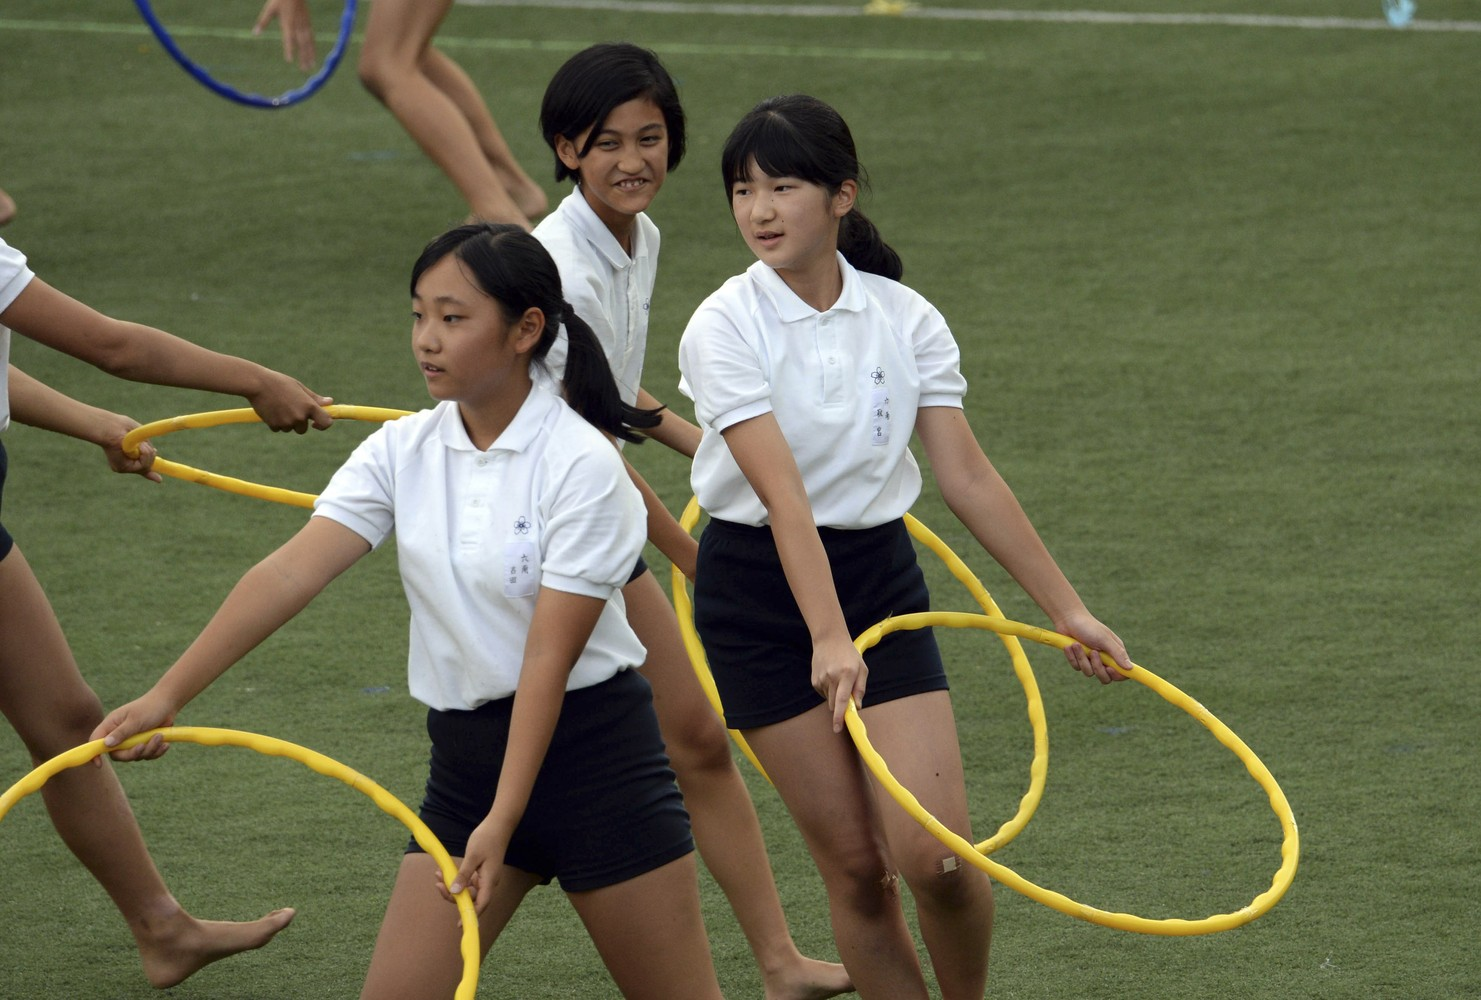 皇室愛子さま12歳の誕生日をお迎えに バスケ部で親善試合出場